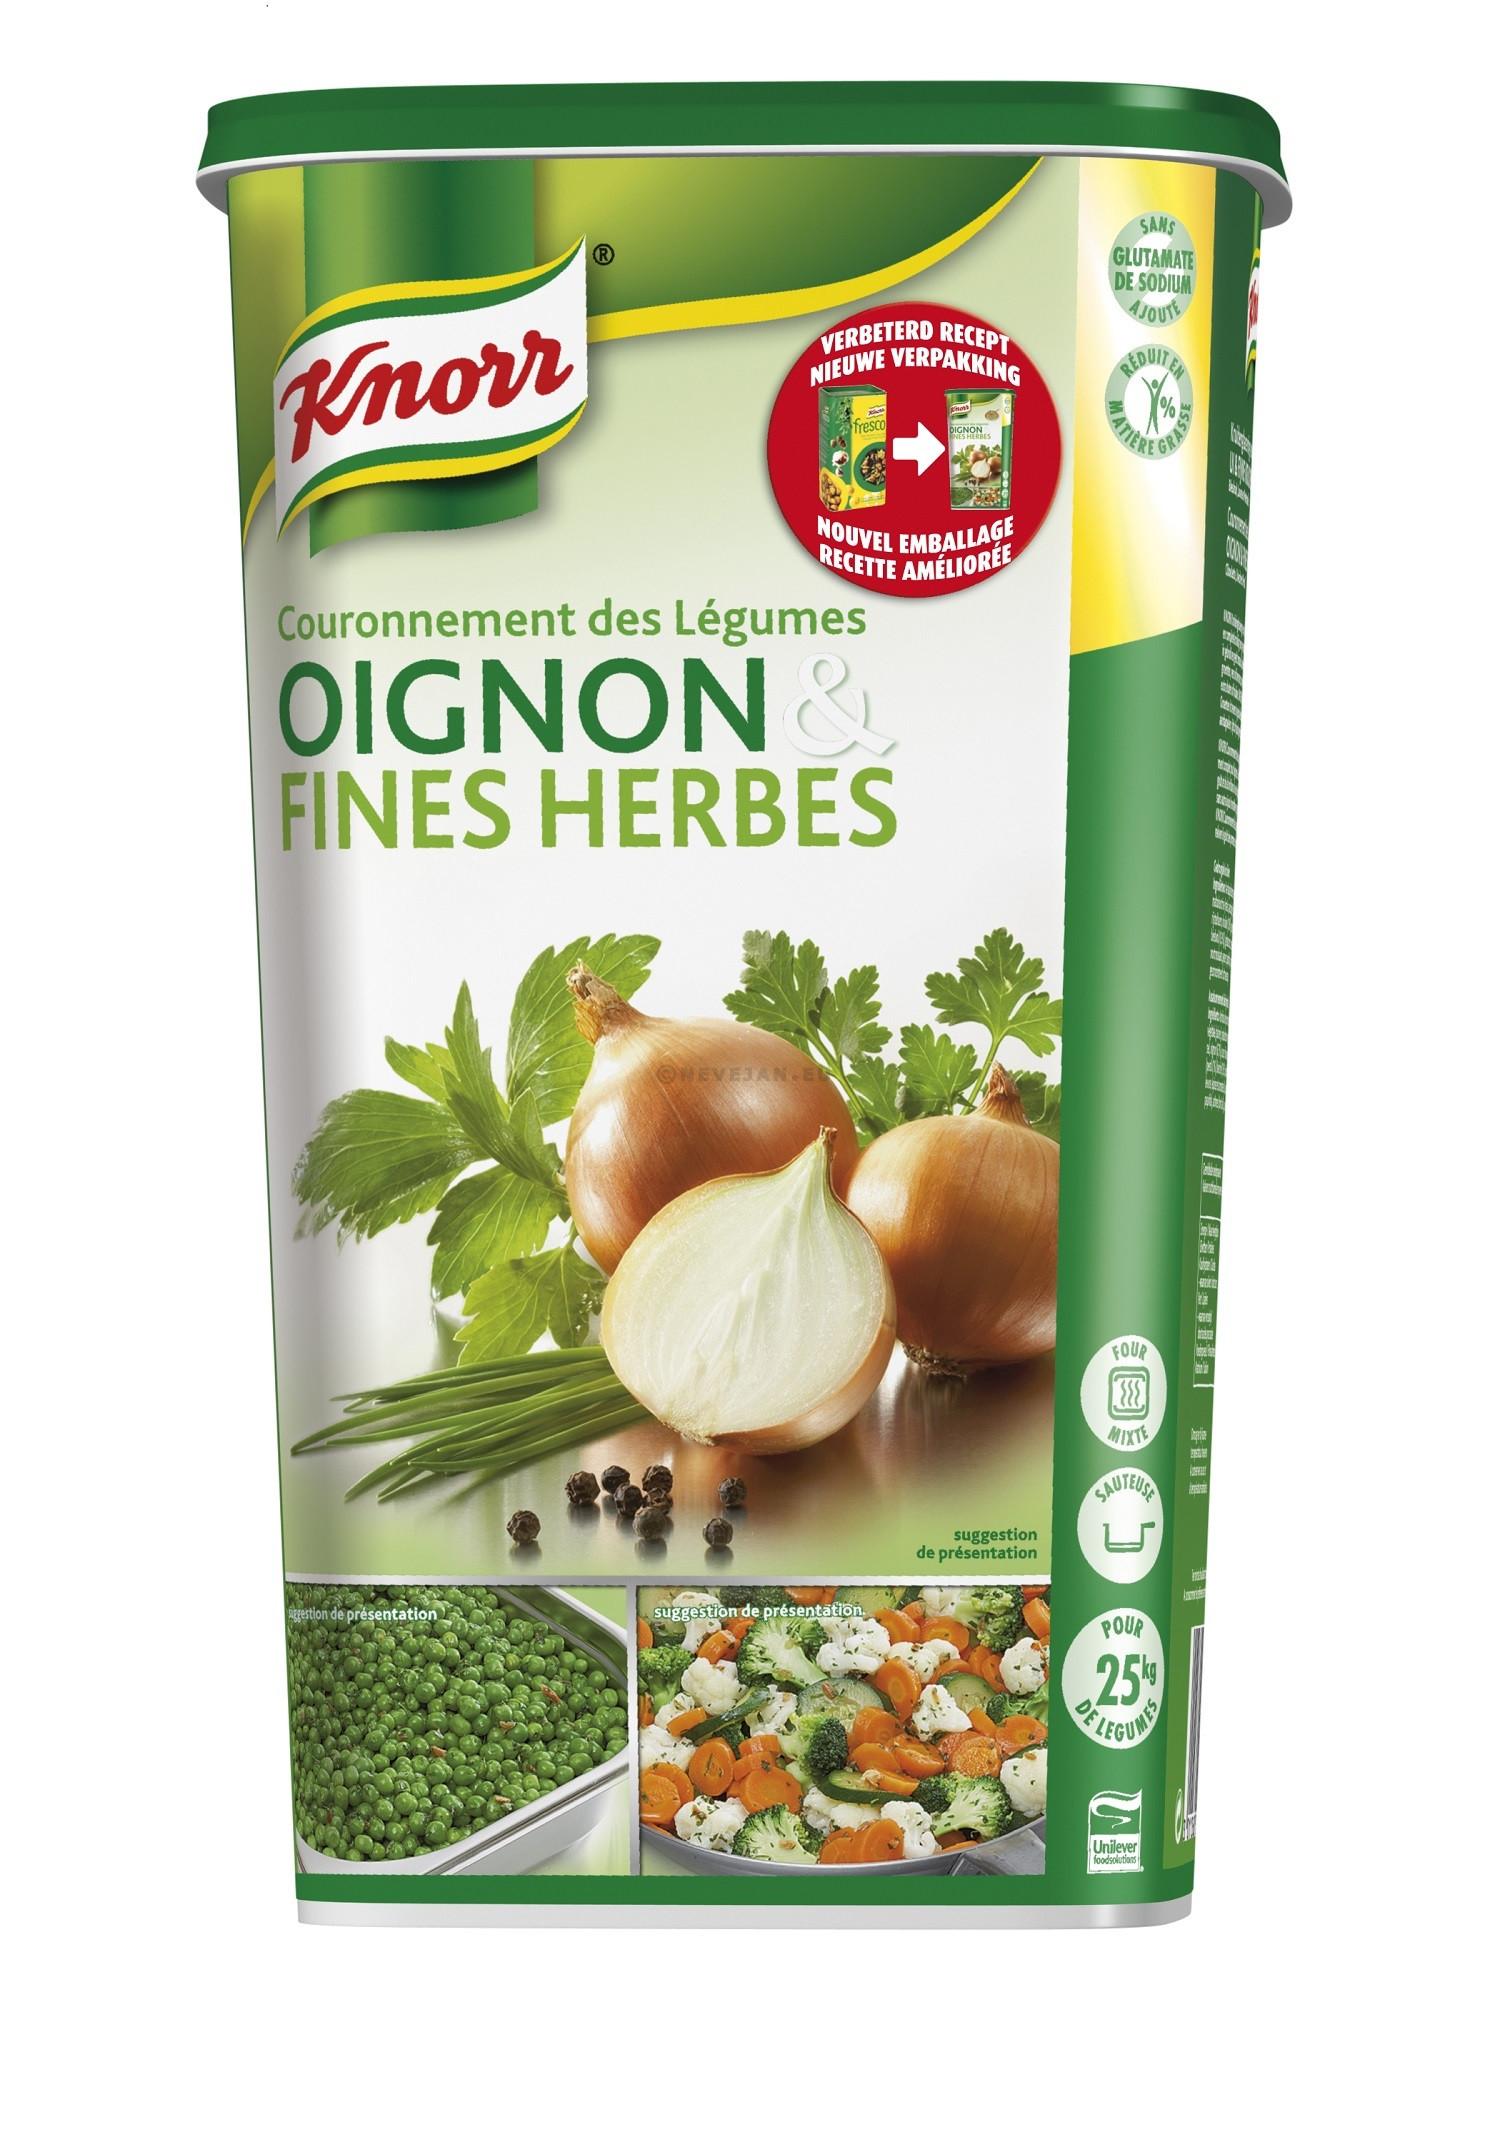 Knorr oignons & fines herbes 1kg couronnement légumes